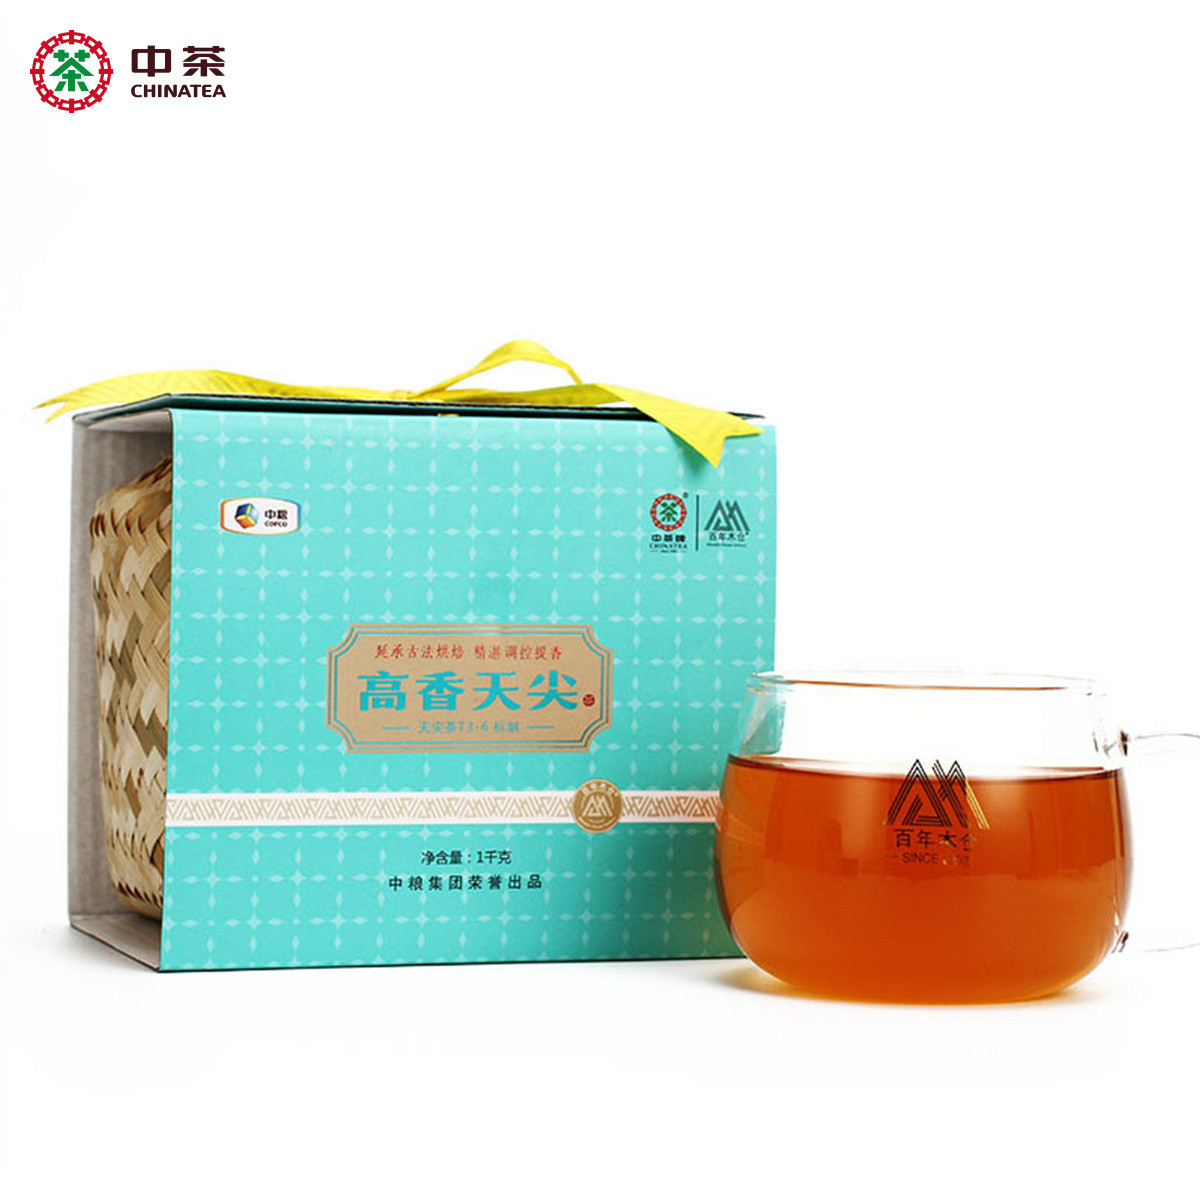 百年木仓 中茶 湖南安化黑茶 天尖茶 高香天尖竹篓装1kg